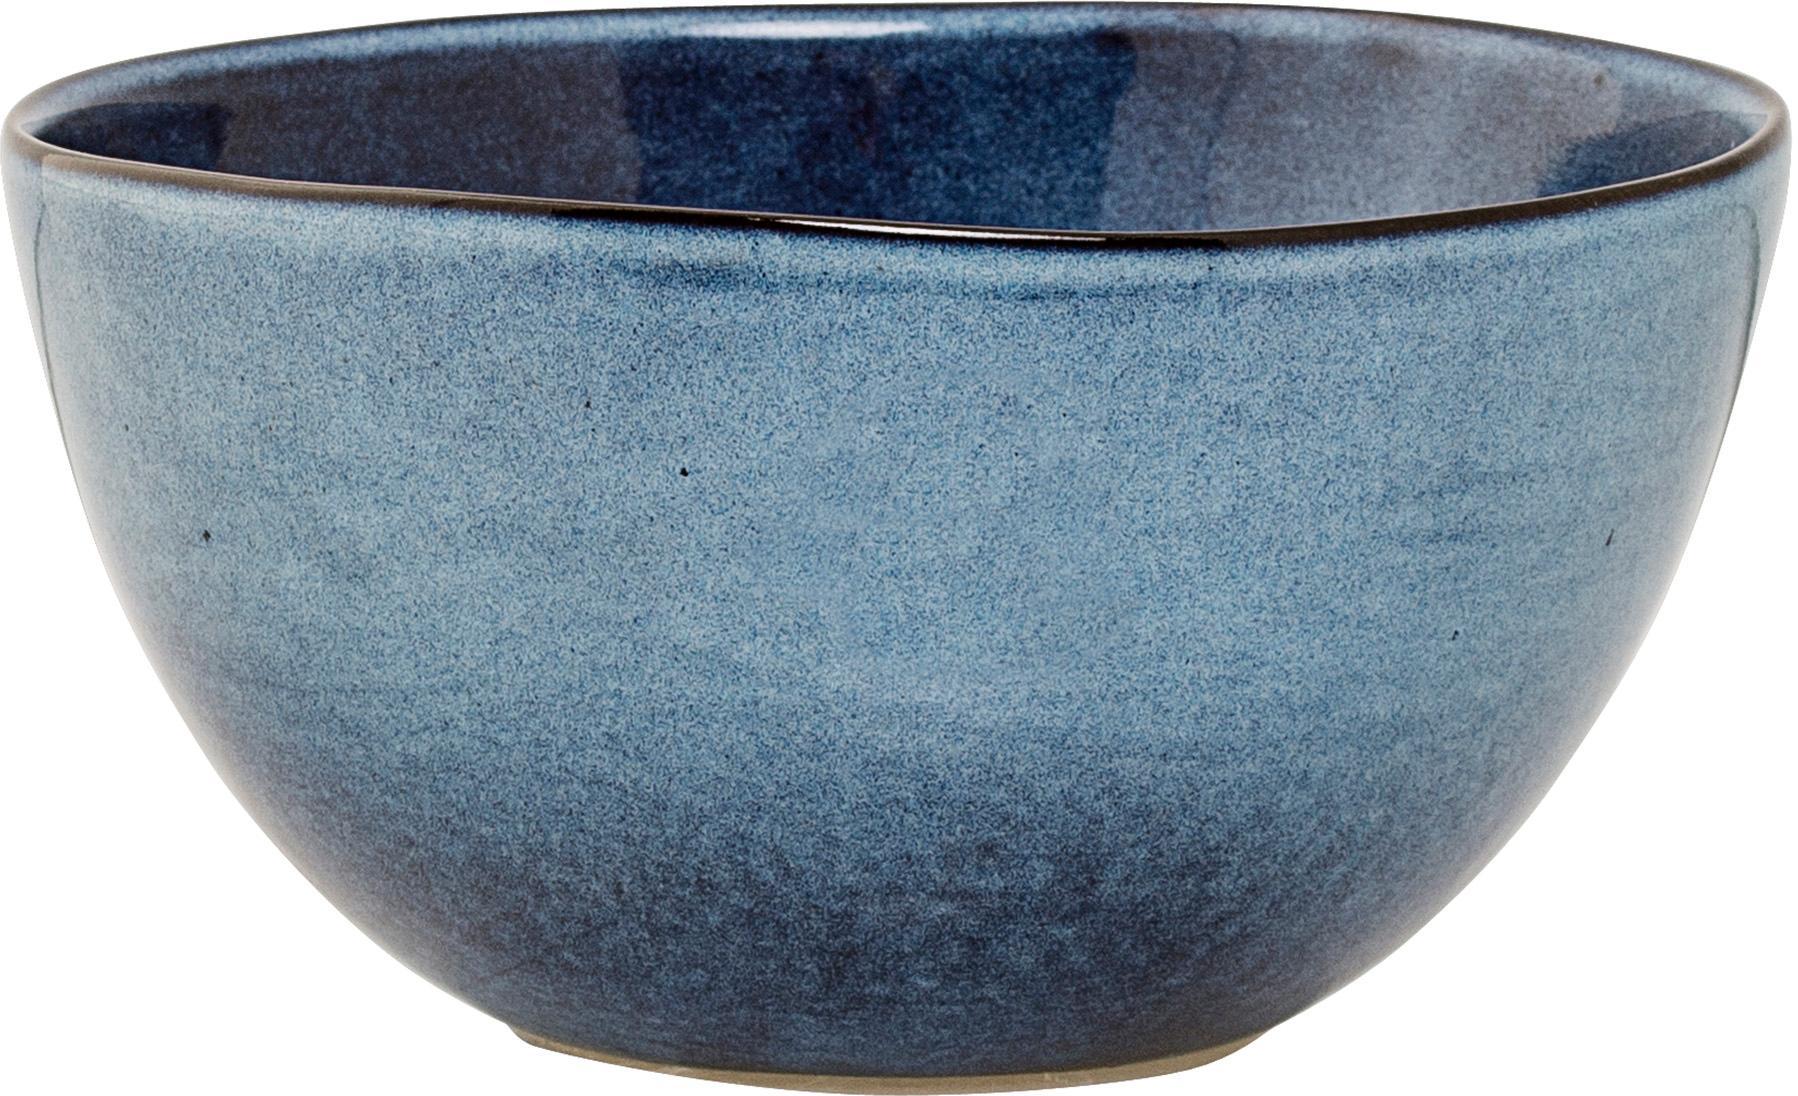 Handgemachte Schälchen Sandrine in Blau, 6 Stück, Steingut, Blautöne, Ø 15 x H 8 cm